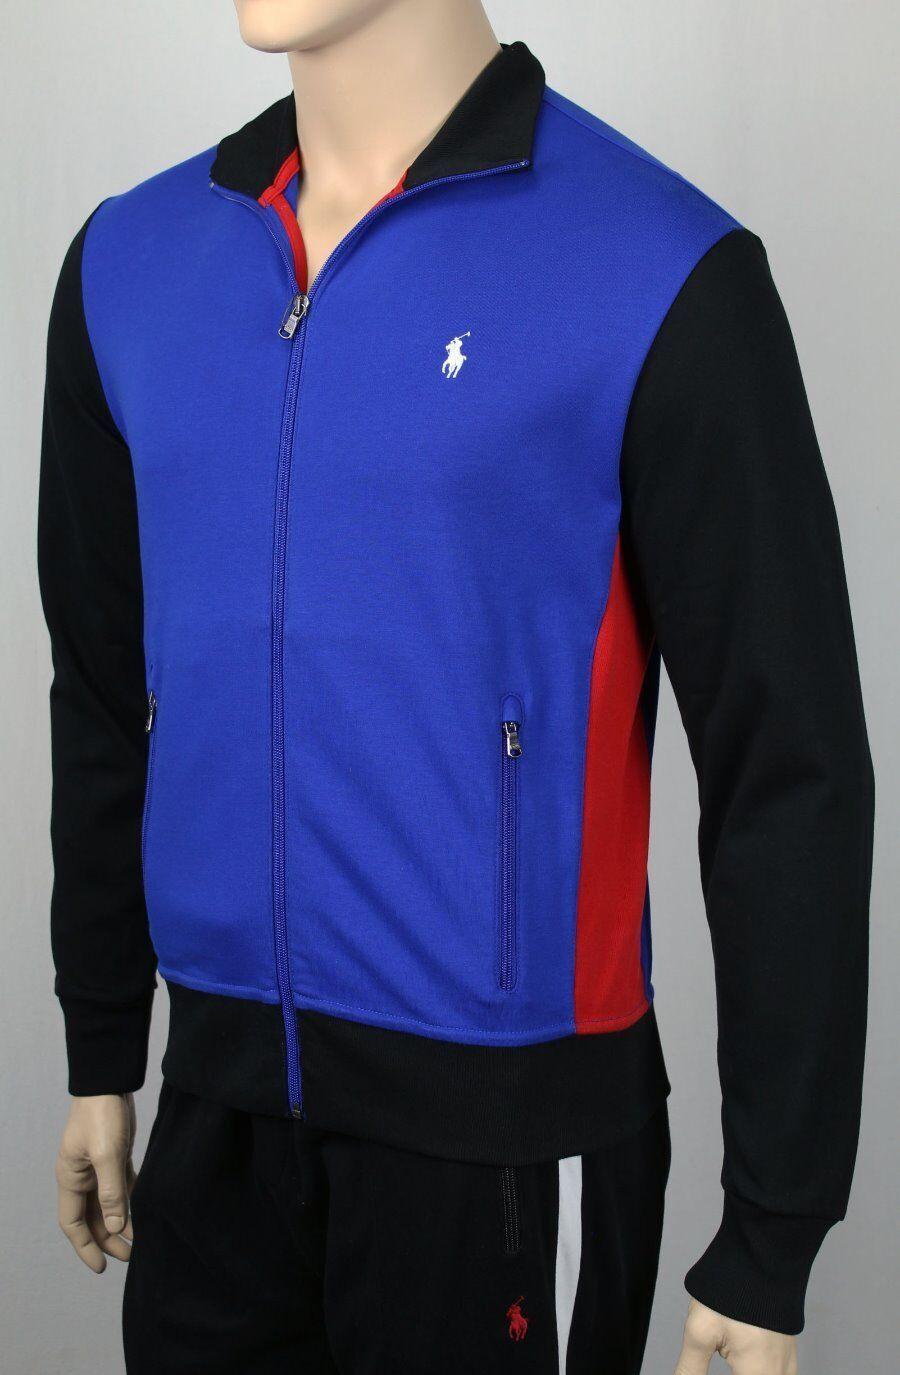 Polo Ralph Lauren Performance Königsblau Reißverschluss schweißhemd Track Jacken